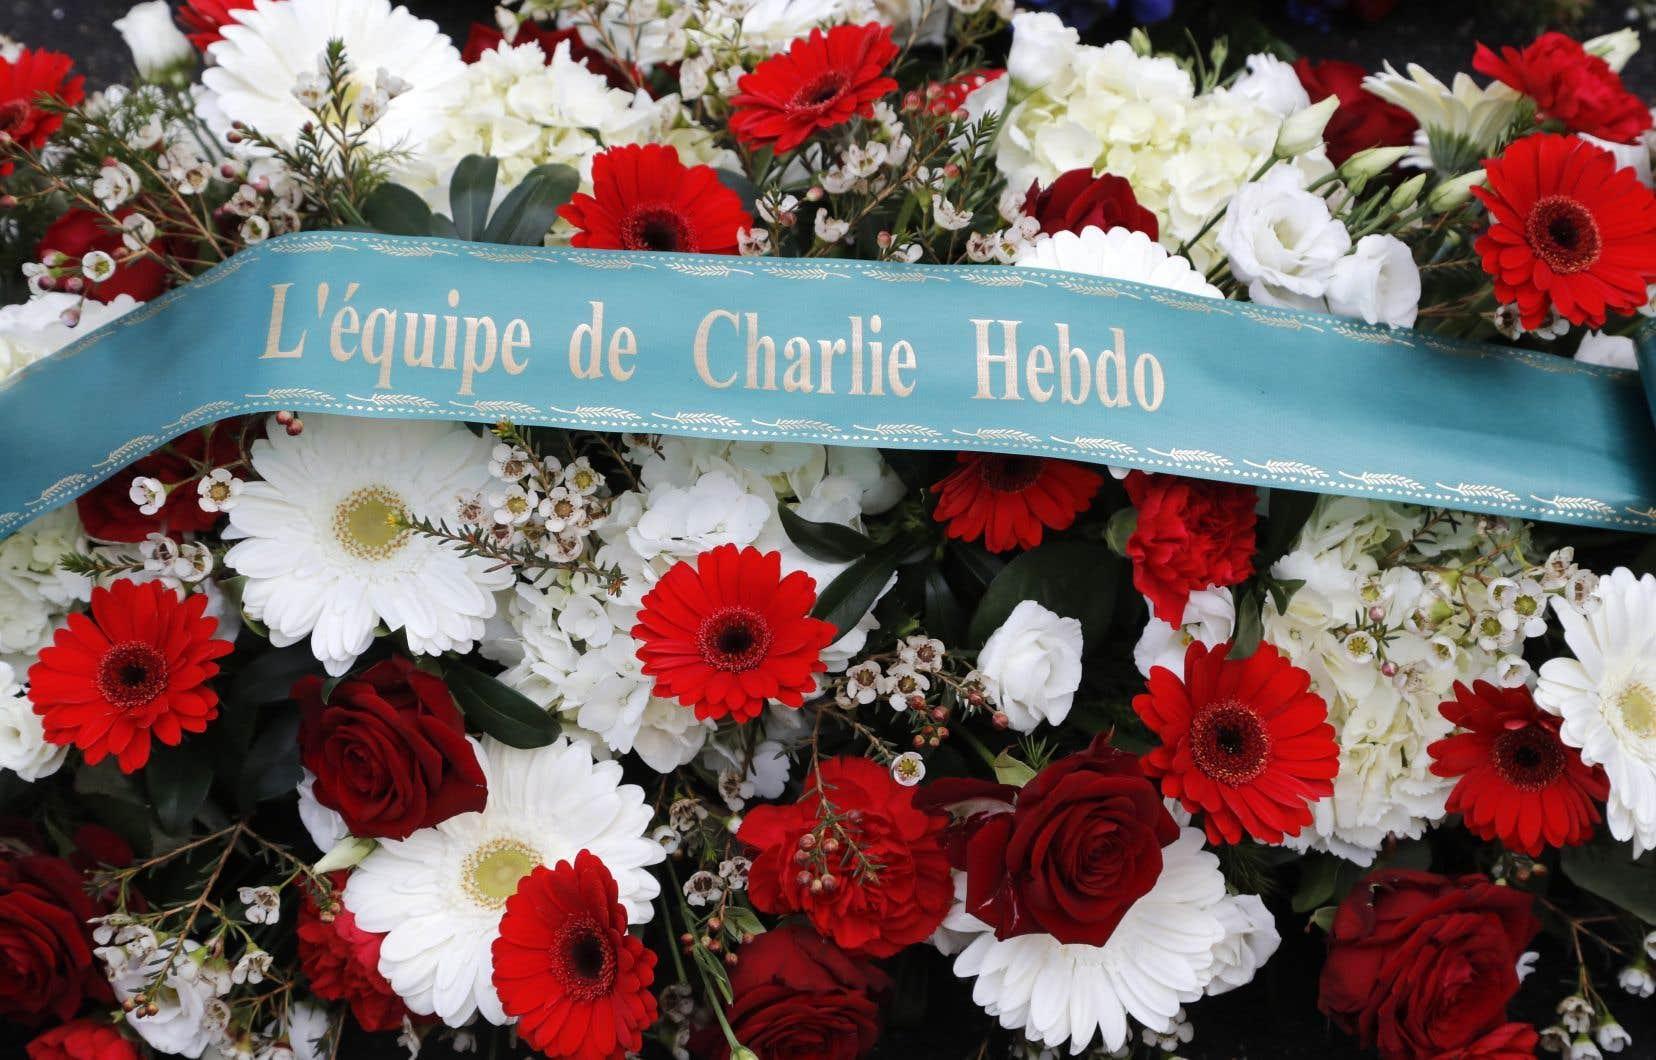 Une gerbe de fleurs déposée devant les anciens bureaux de «Charlie Hebdo» à Paris, à l'occasion du cinquième anniversaire de l'attaque djihadiste contre le magazine